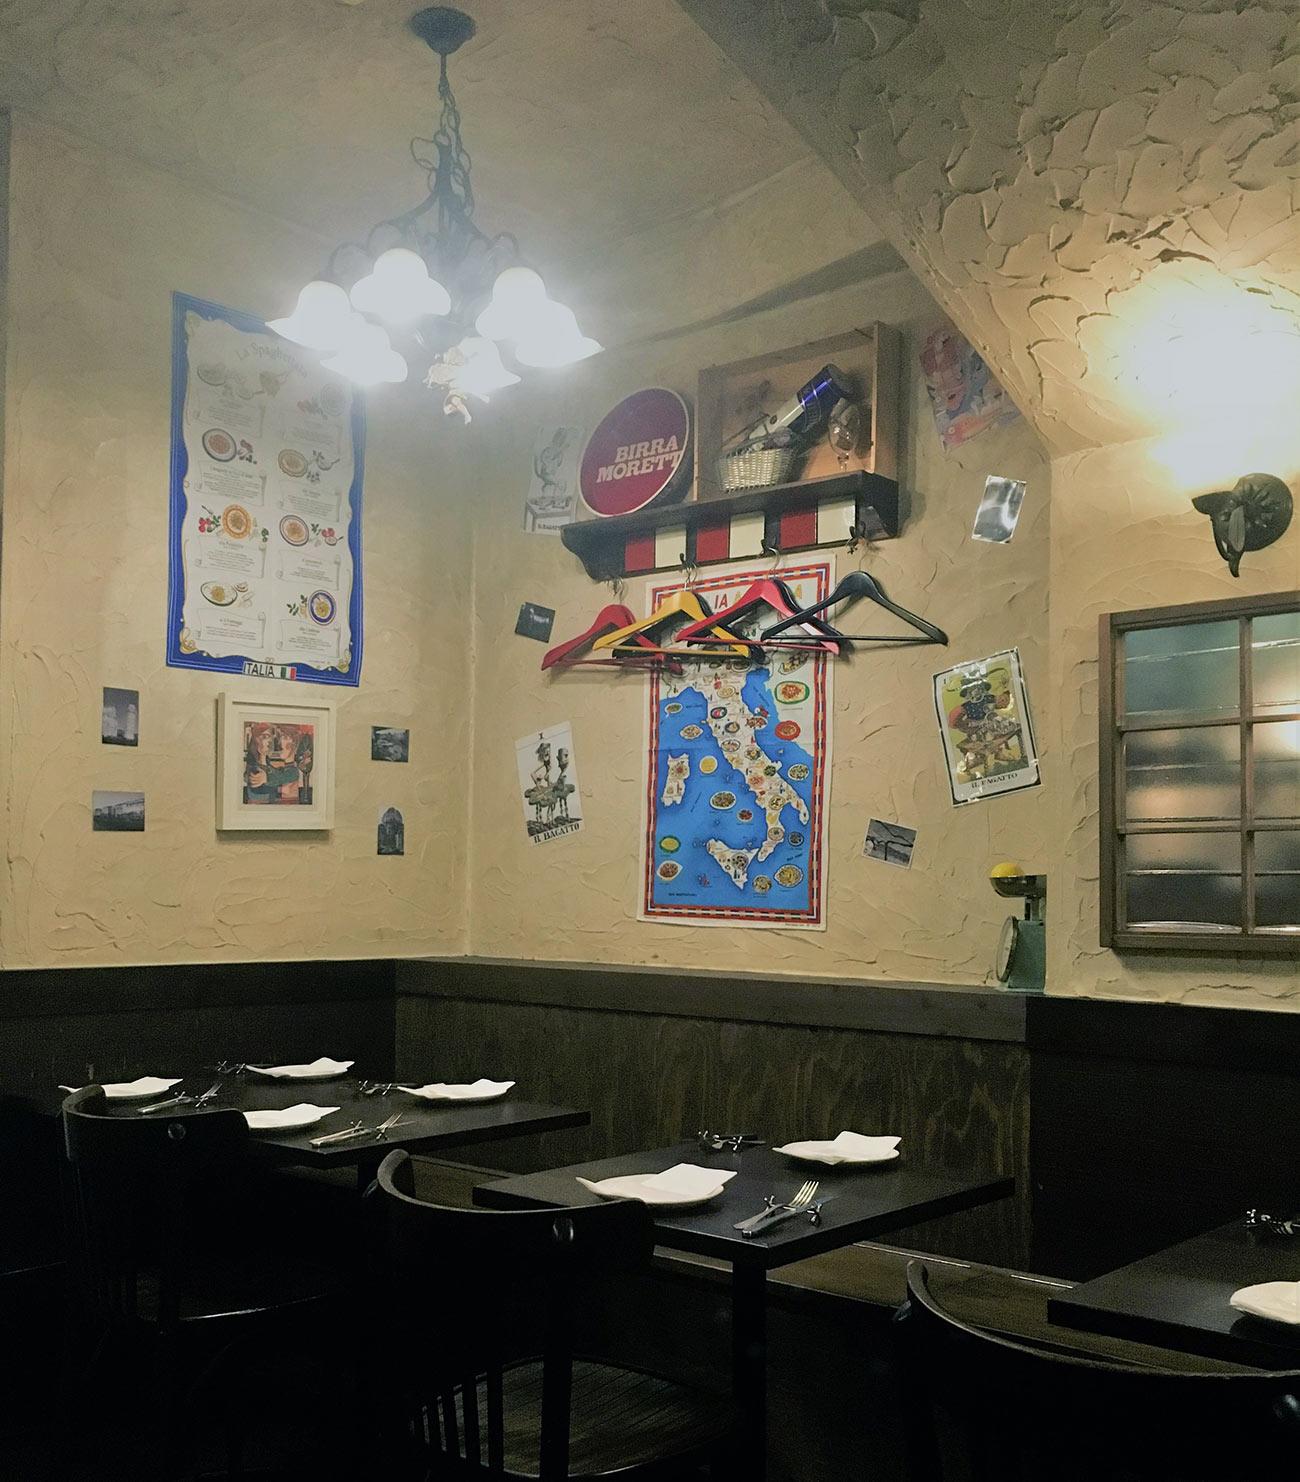 五反田エリアでイタリアン。肉料理が自慢のBagatto(バガット)が4月2日にOPEN